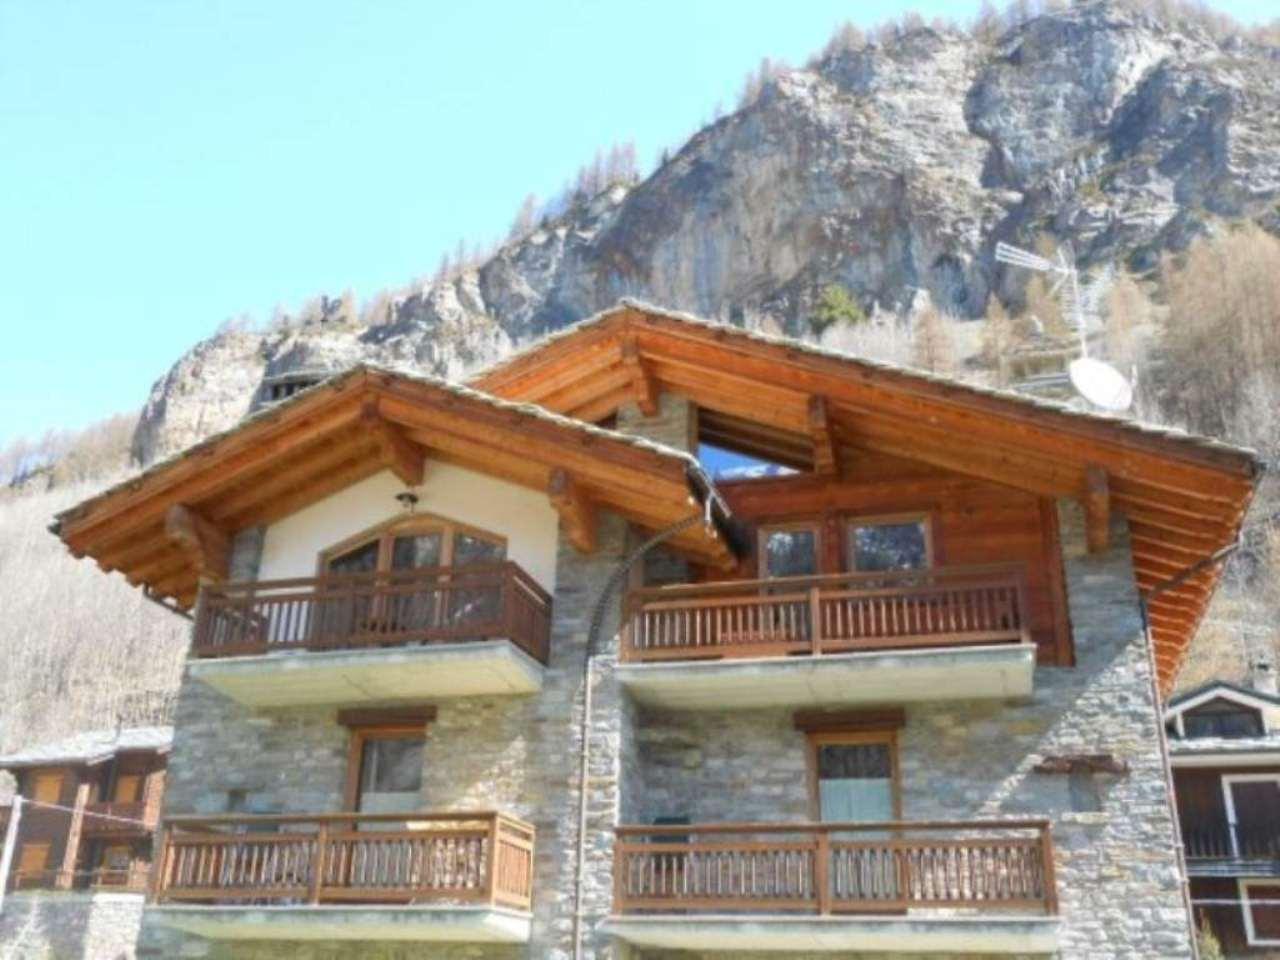 Appartamento in vendita a Cogne, 6 locali, Trattative riservate | CambioCasa.it